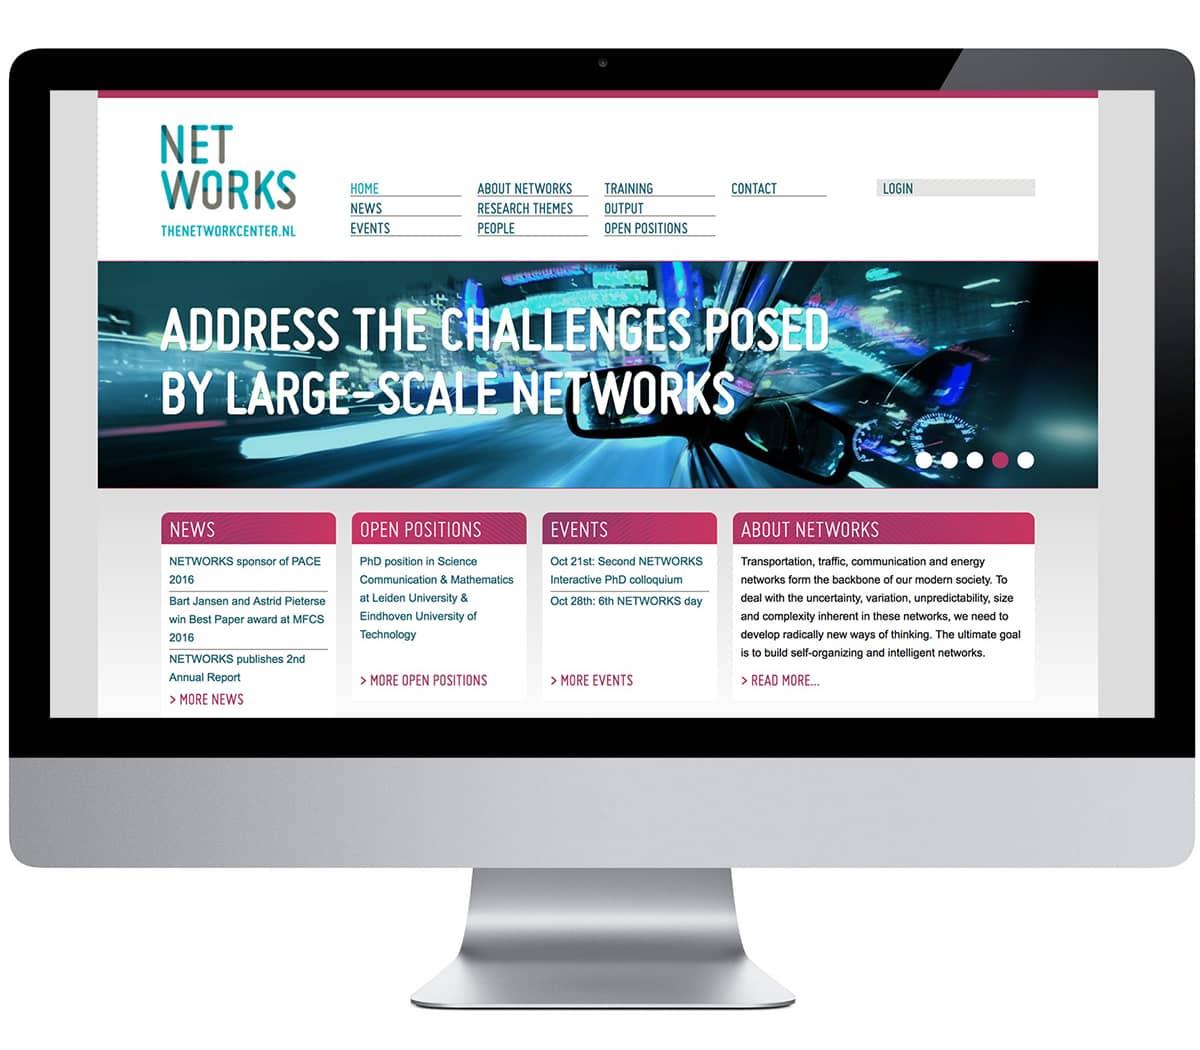 Networks website